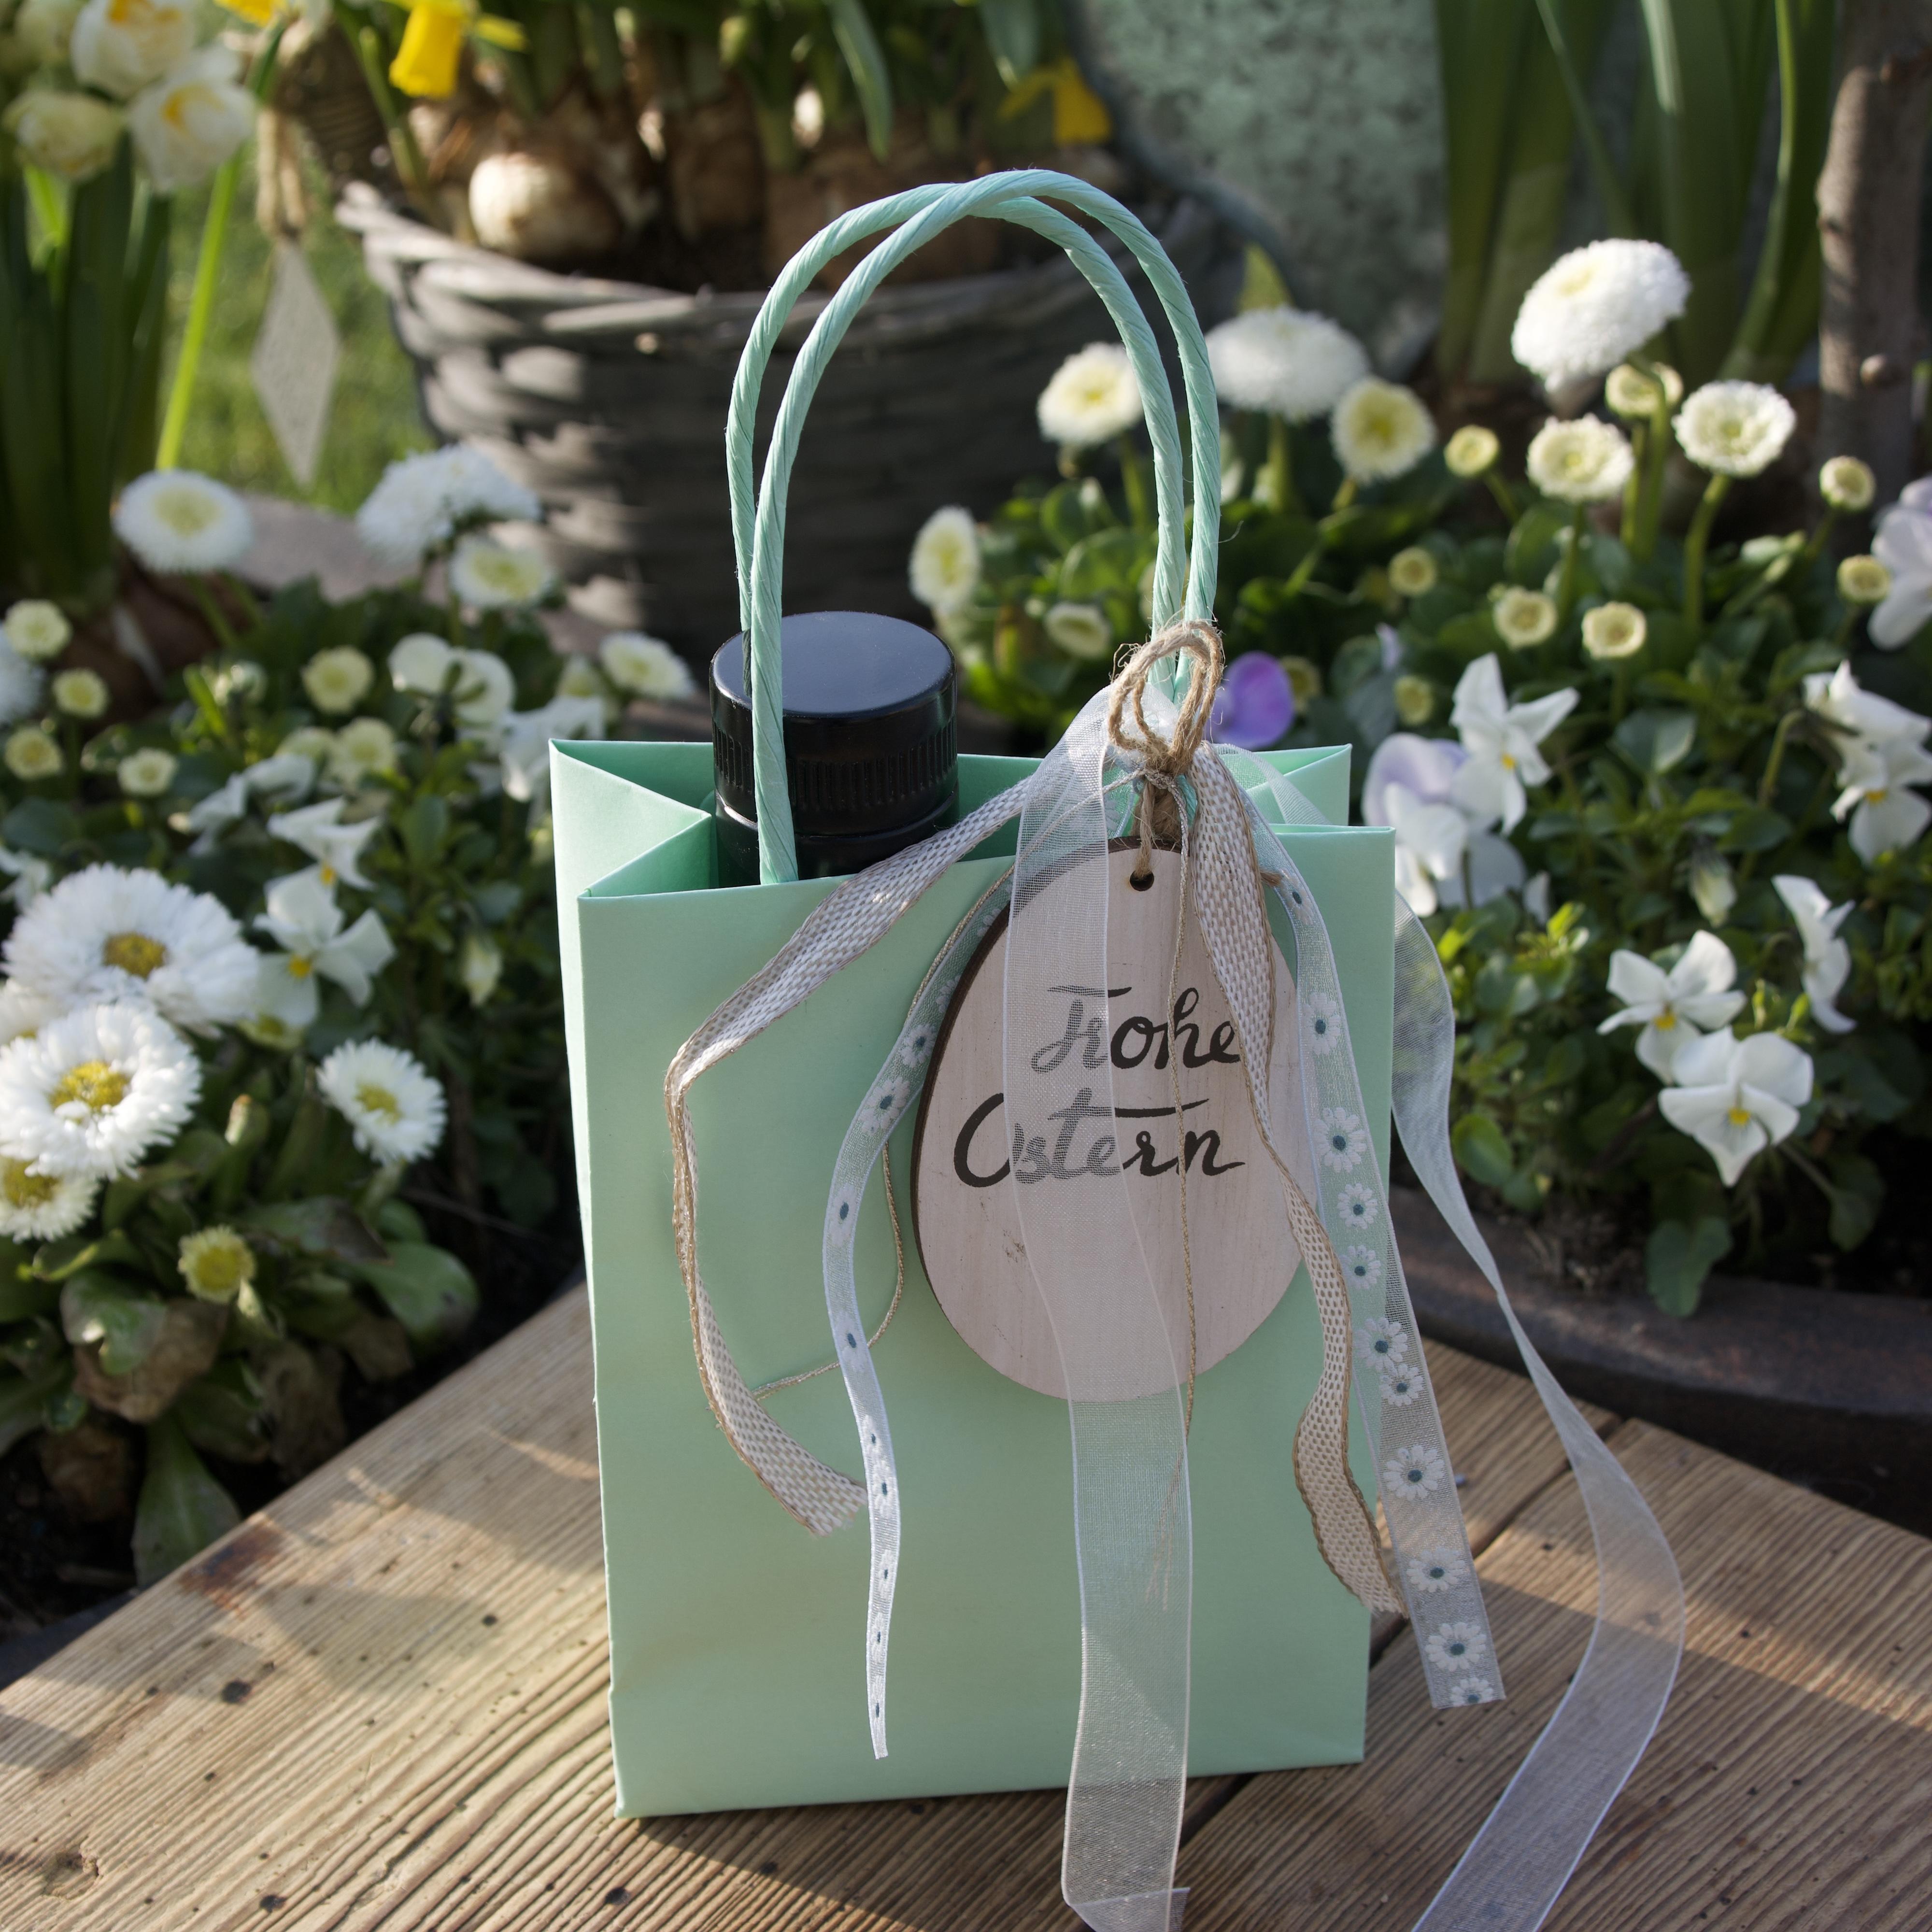 Geschenktütchen mehrfarbig 1x 100ml Öl & 1x 125g Kräutersalz